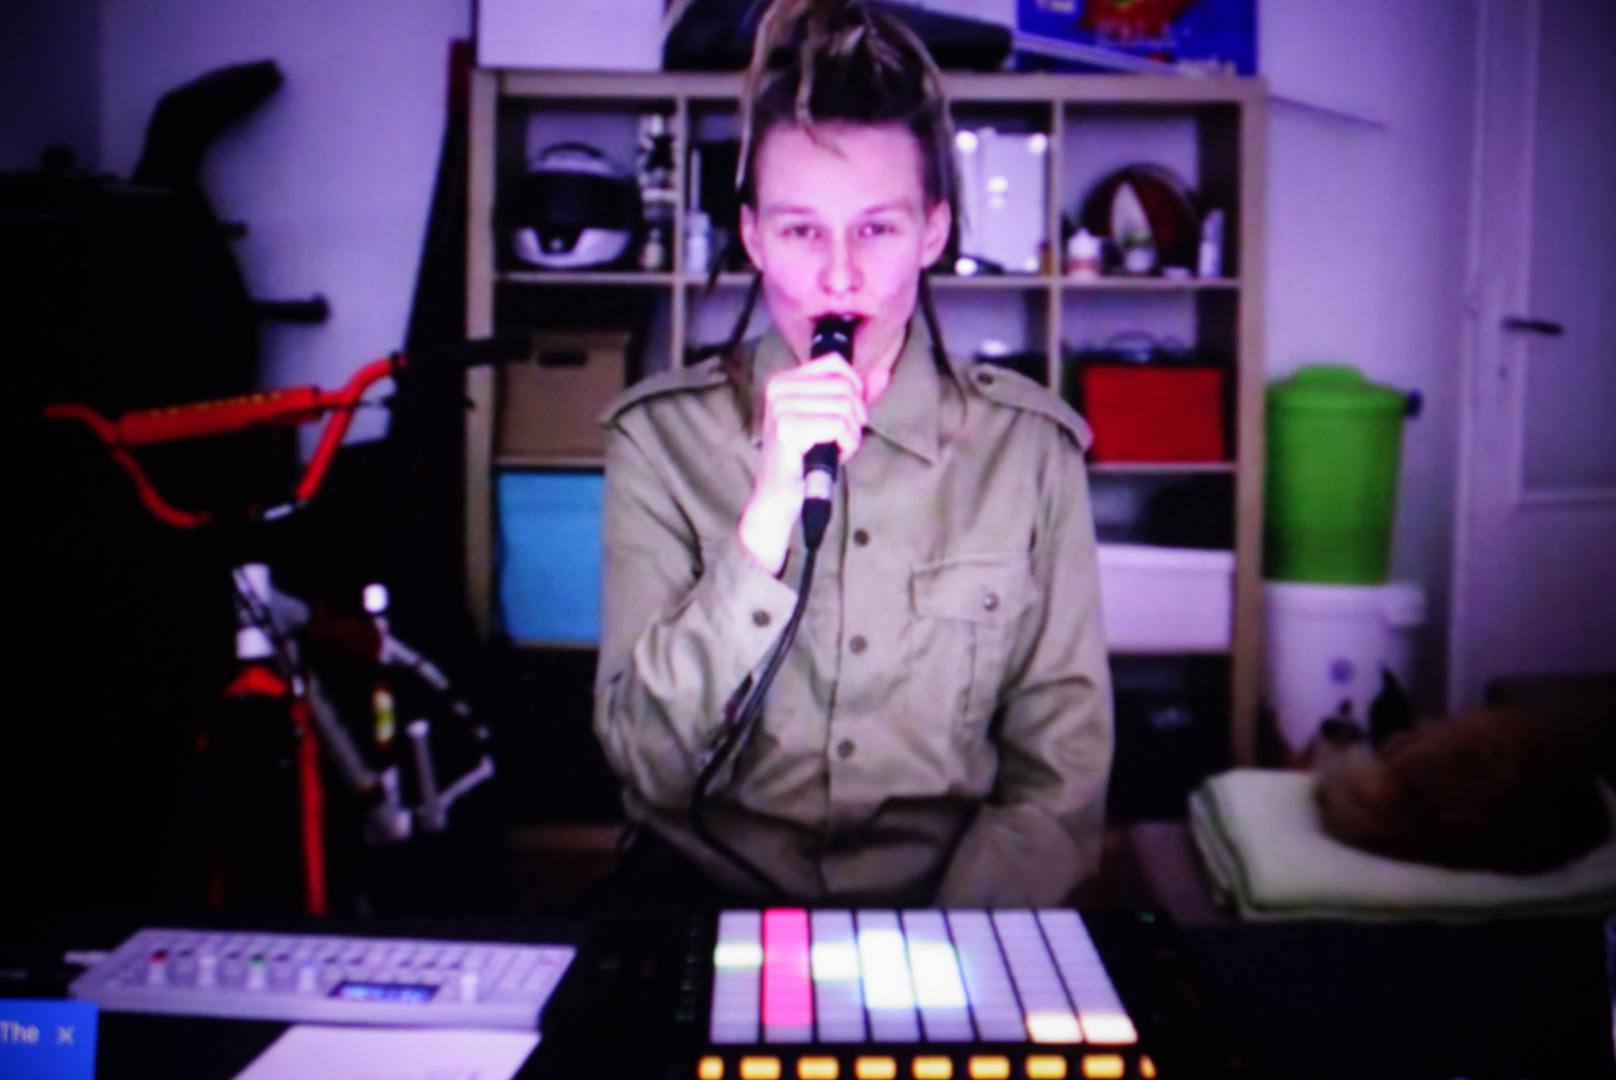 Joanna Duda - JazzArt Festival Katowice 2020 - live streaming from Grdynia